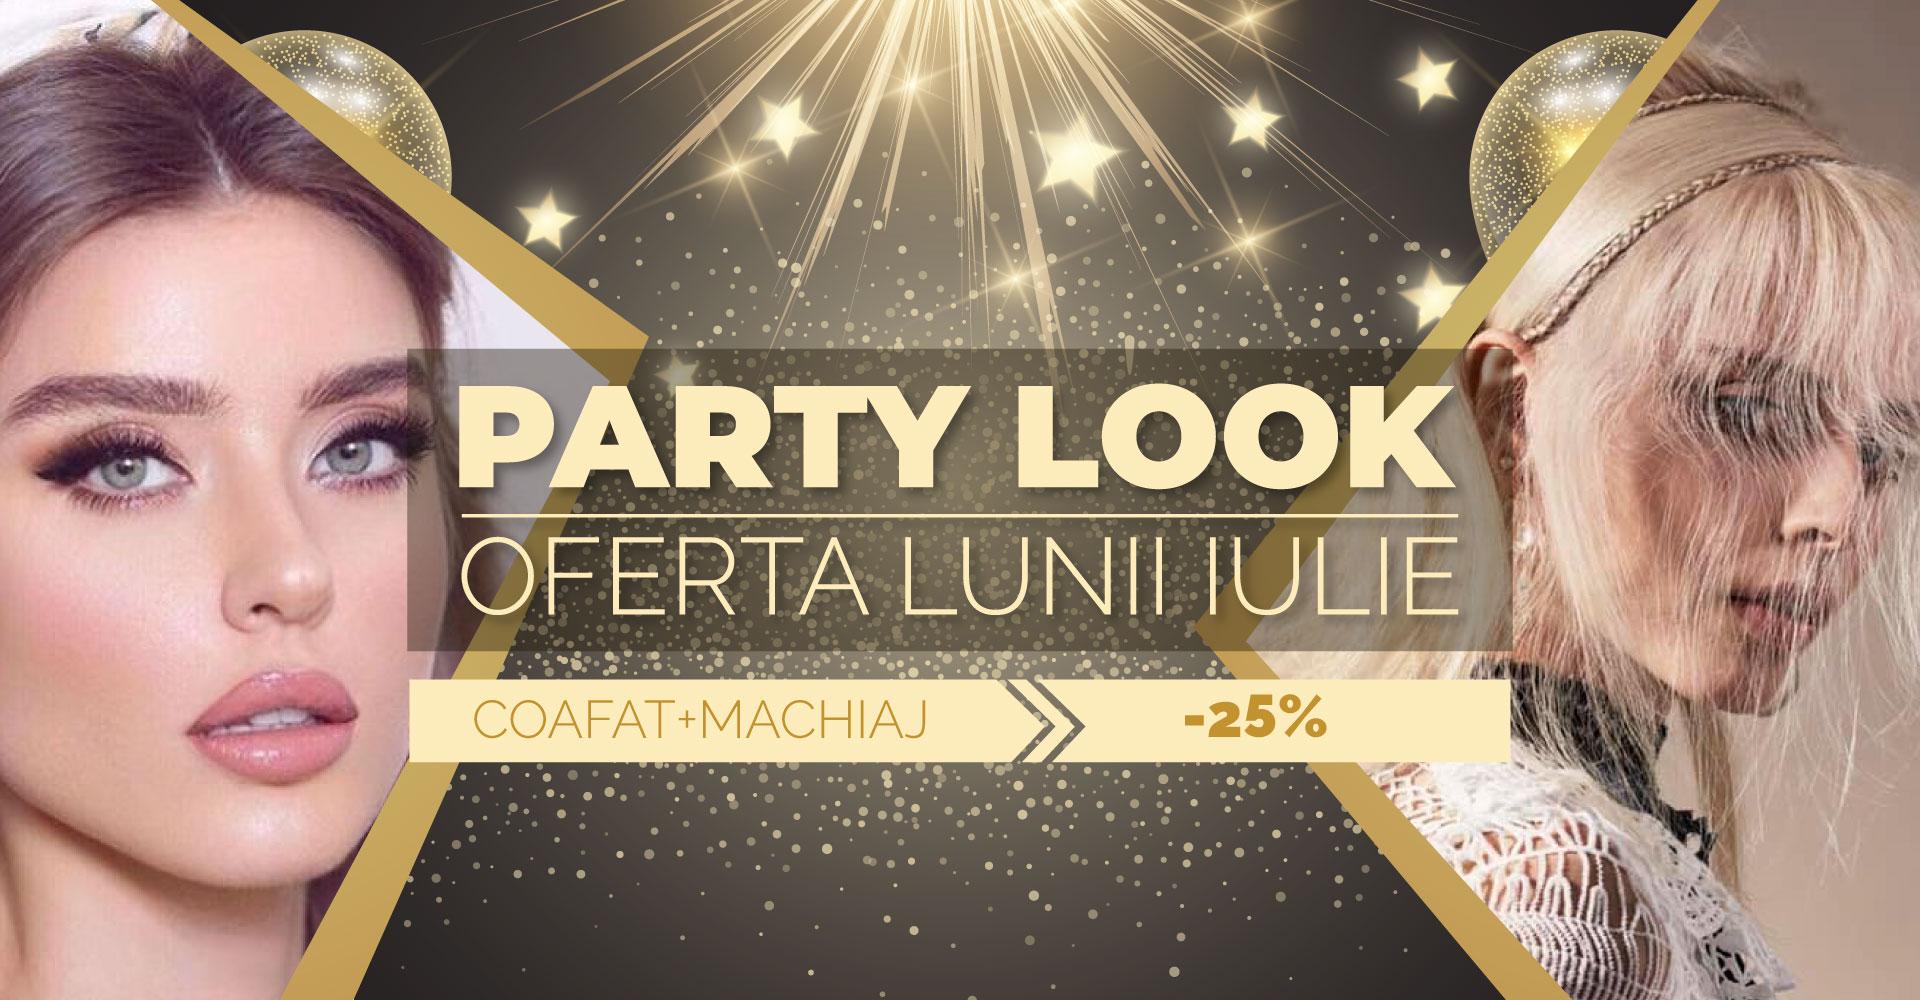 Oferta iulie Party Look